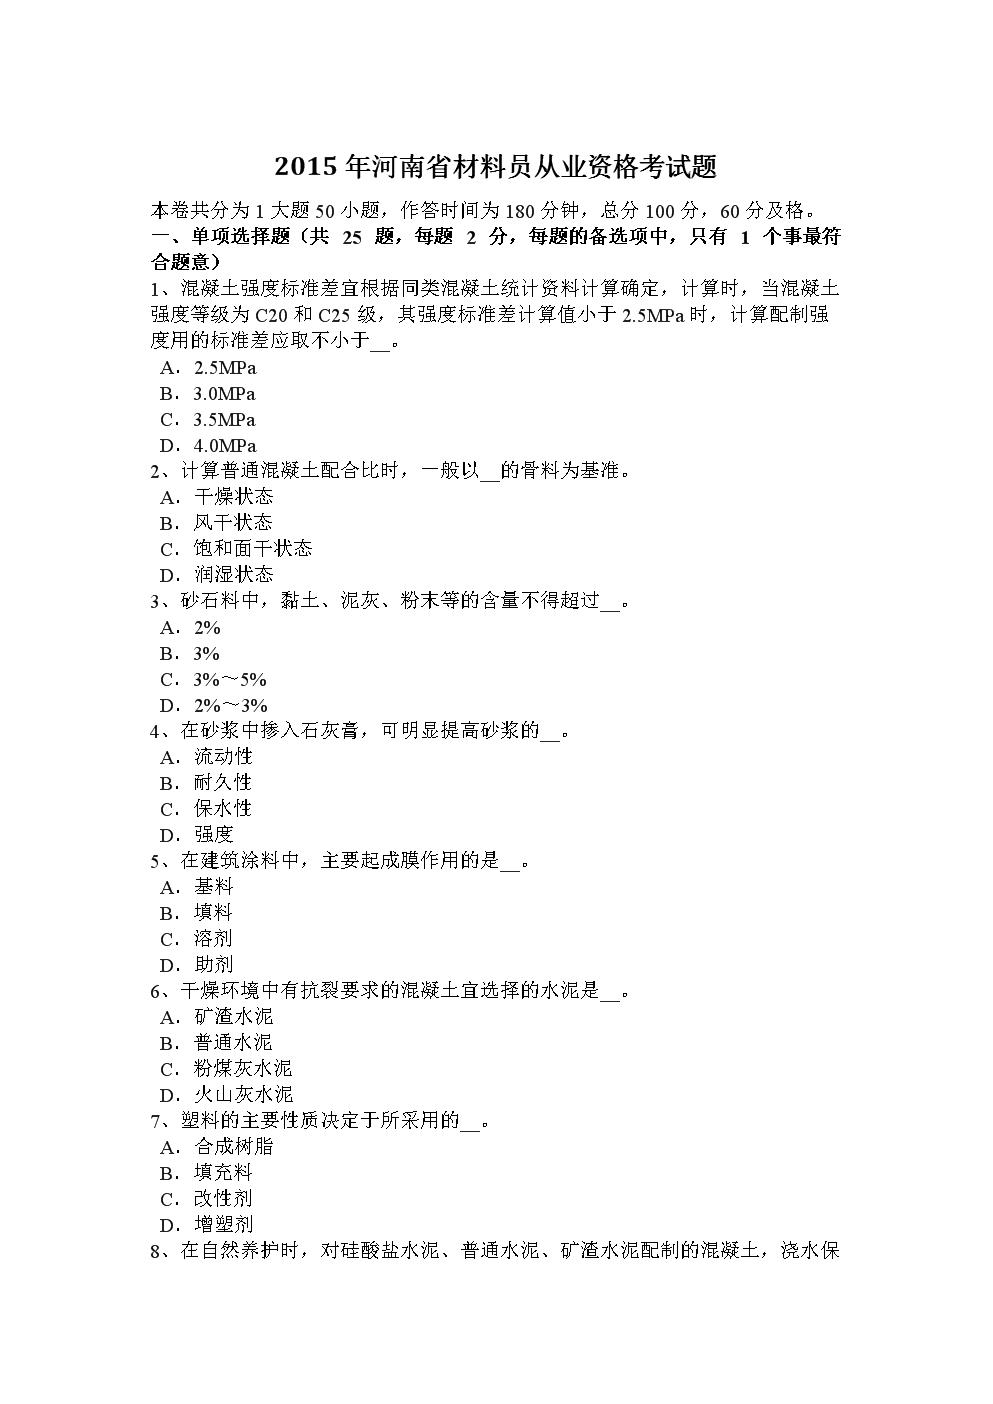 2015年河南省材料员从业资格考练习题.docx